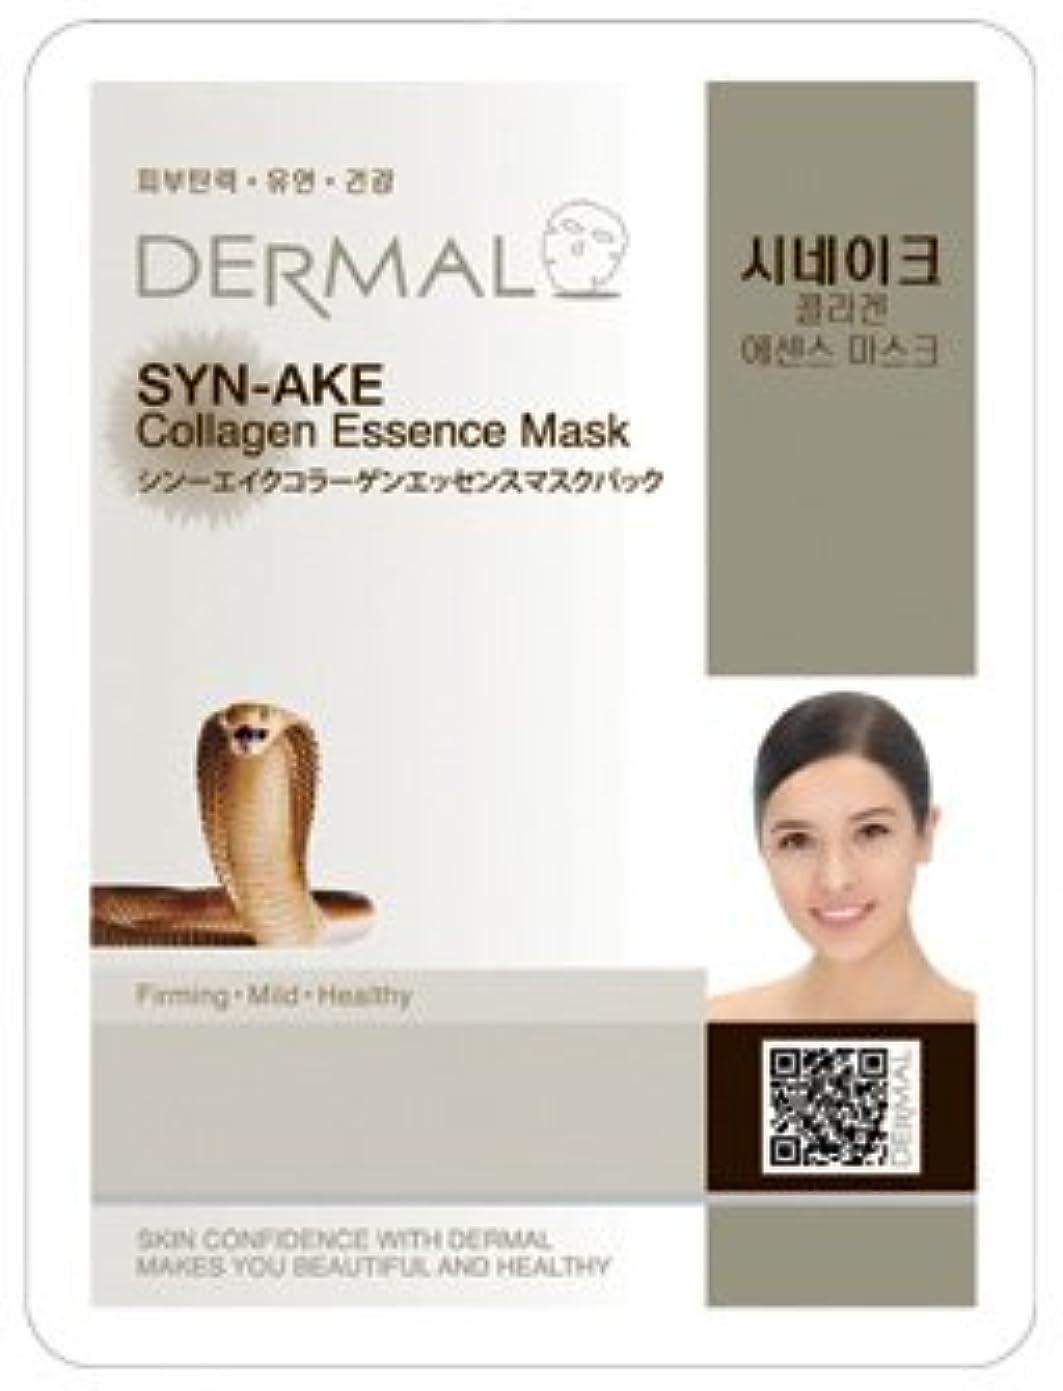 メタン偏差振りかける蛇毒シートマスク(フェイスパック) シンエイク 10枚セット ダーマル(Dermal)